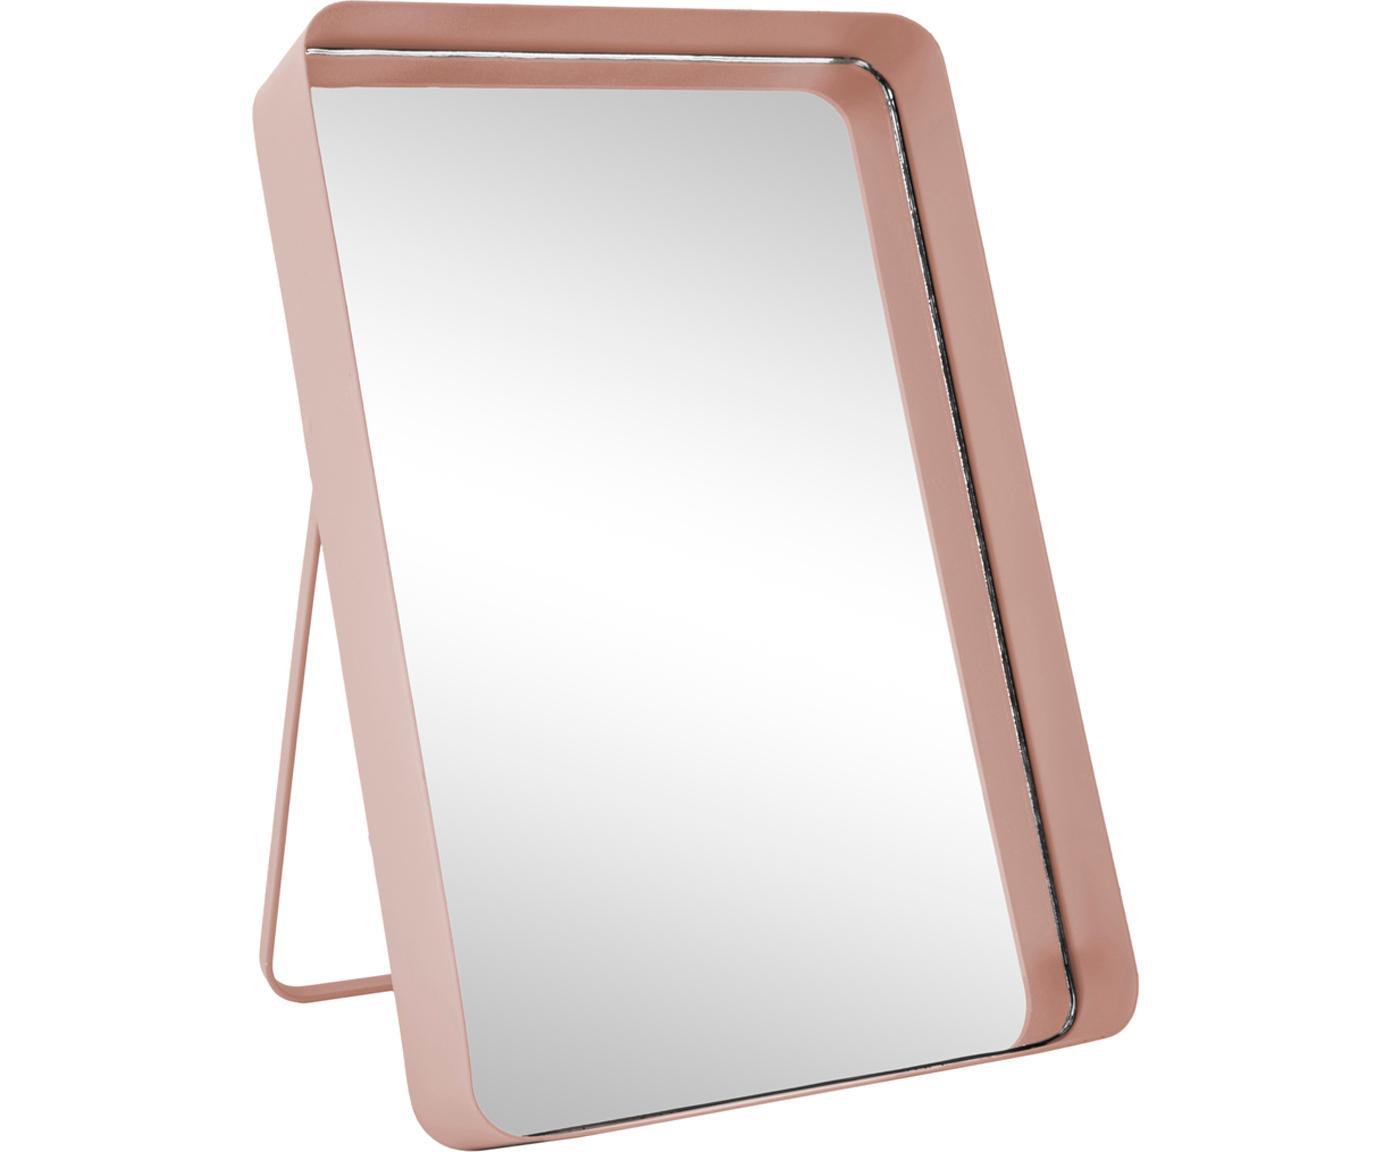 Make-up spiegel Vogue, Gecoat metaal, Roze, 22 x 33 cm